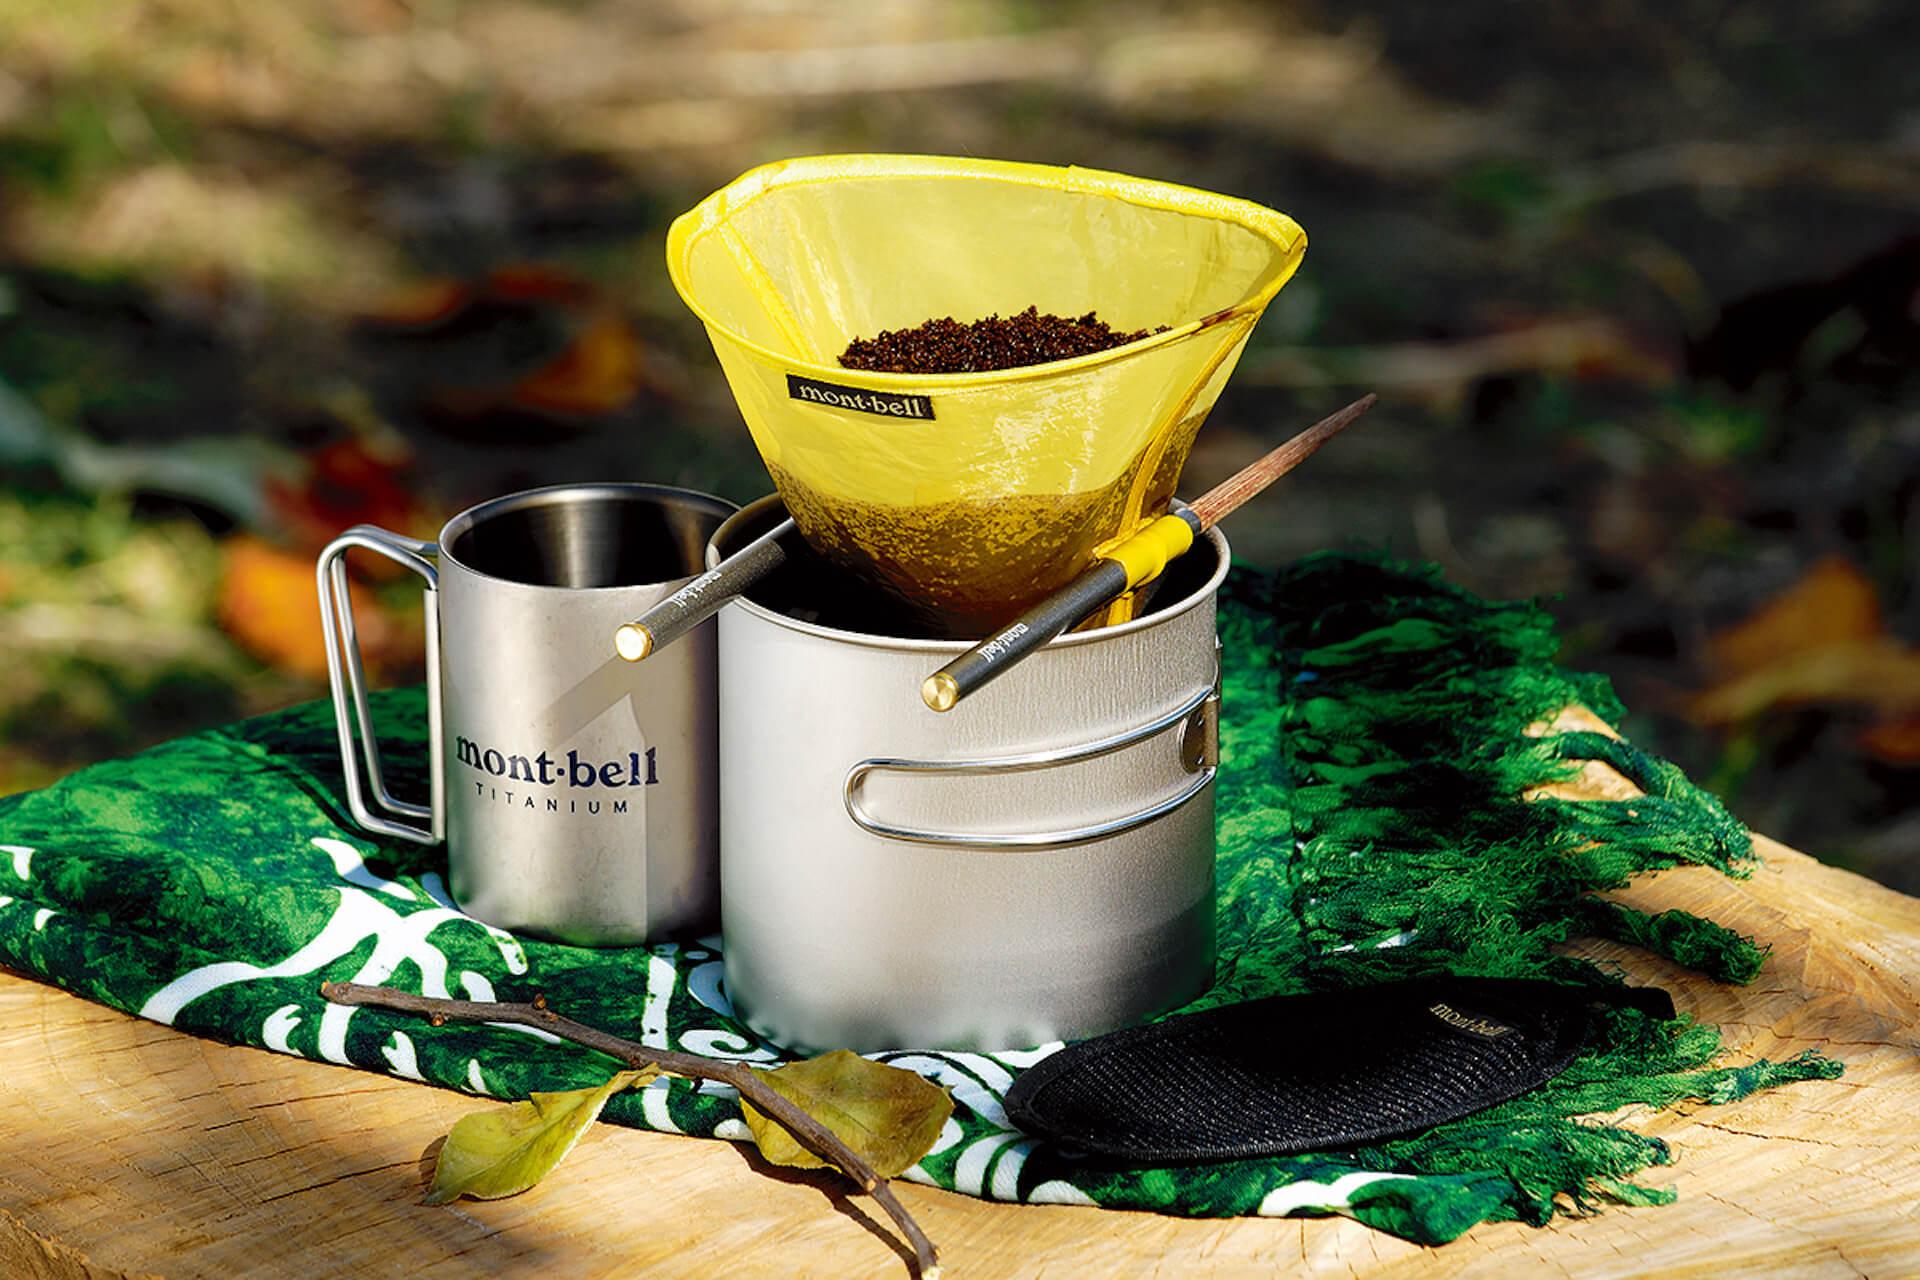 【2021年・コーヒーギア特集】アウトドア&自宅で極上のコーヒータイムを!機能的ギア&厳選コーヒー豆特集 gourmet210303_jeep_coffee_11